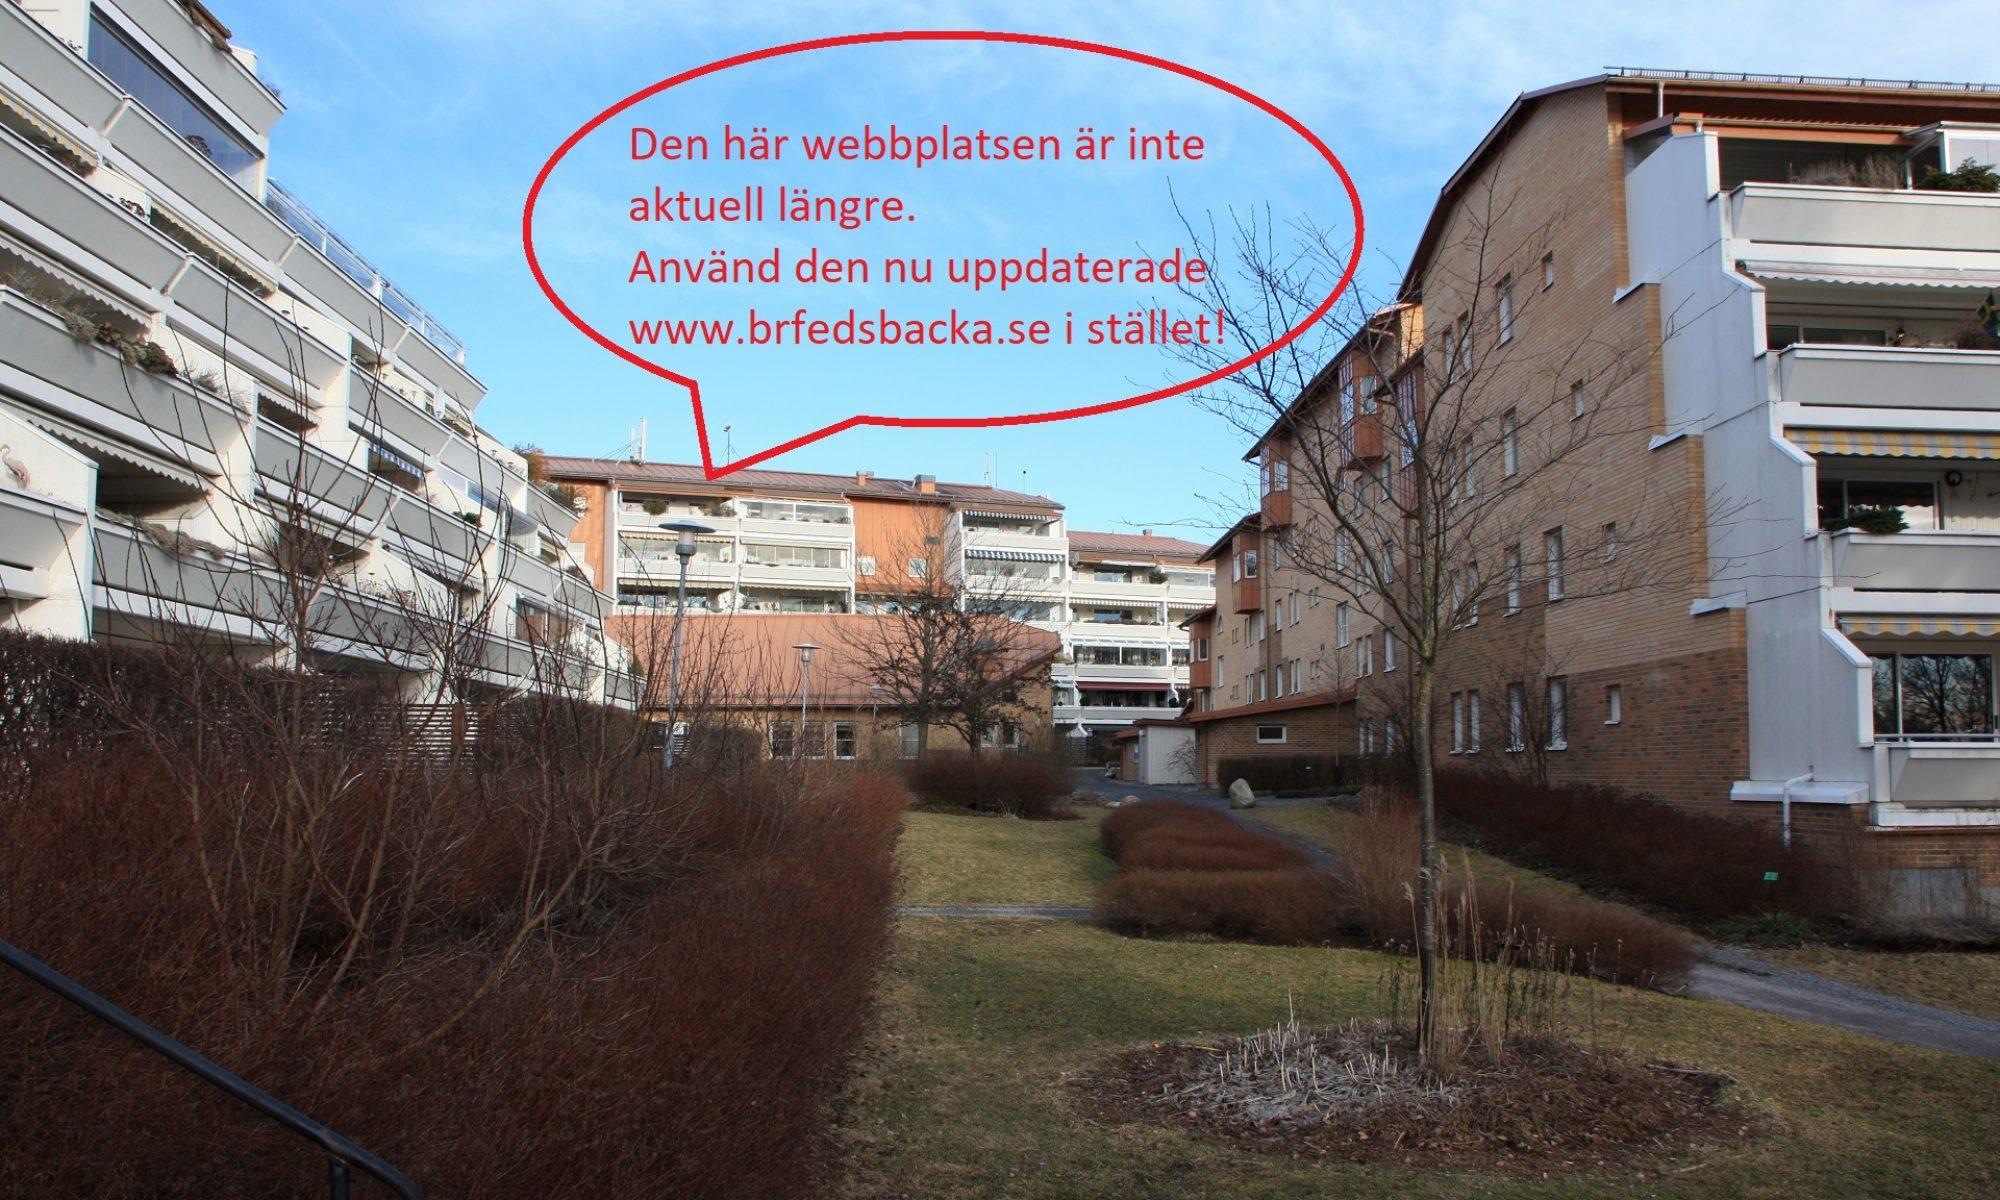 Webbplatsen uppdateras inte använd www.brfedsbacka.se